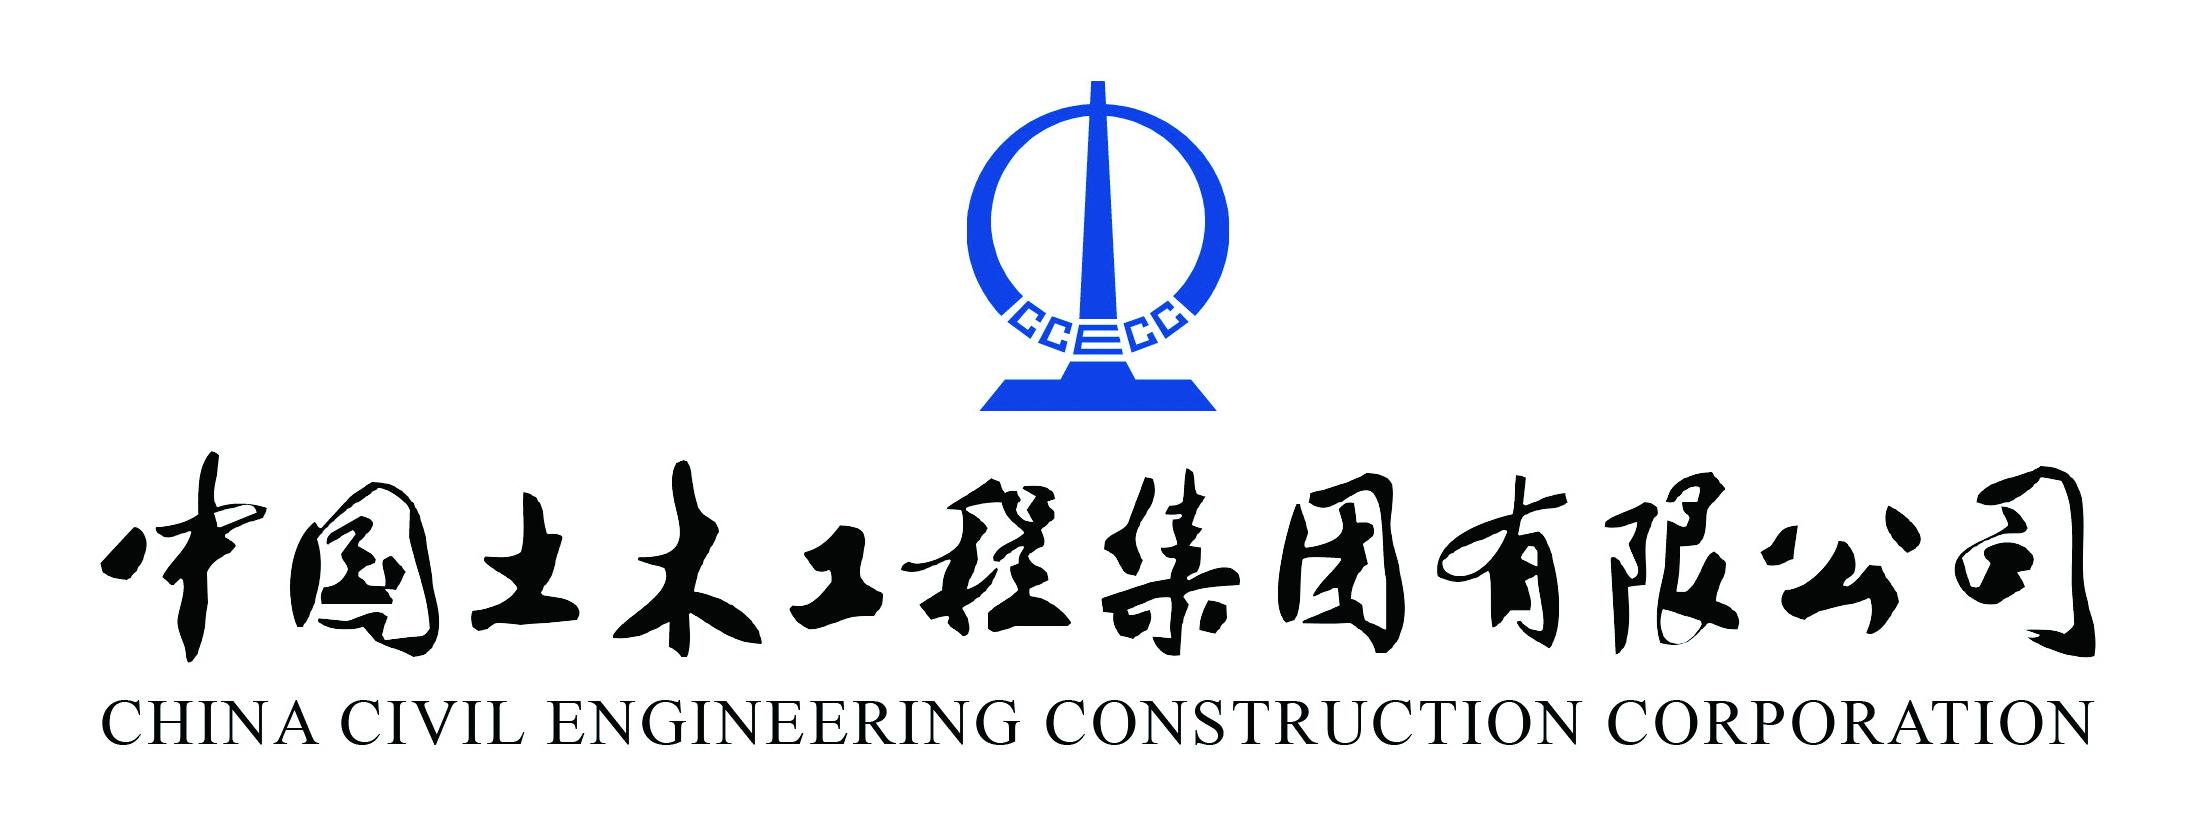 中国土木工程集团有限公司